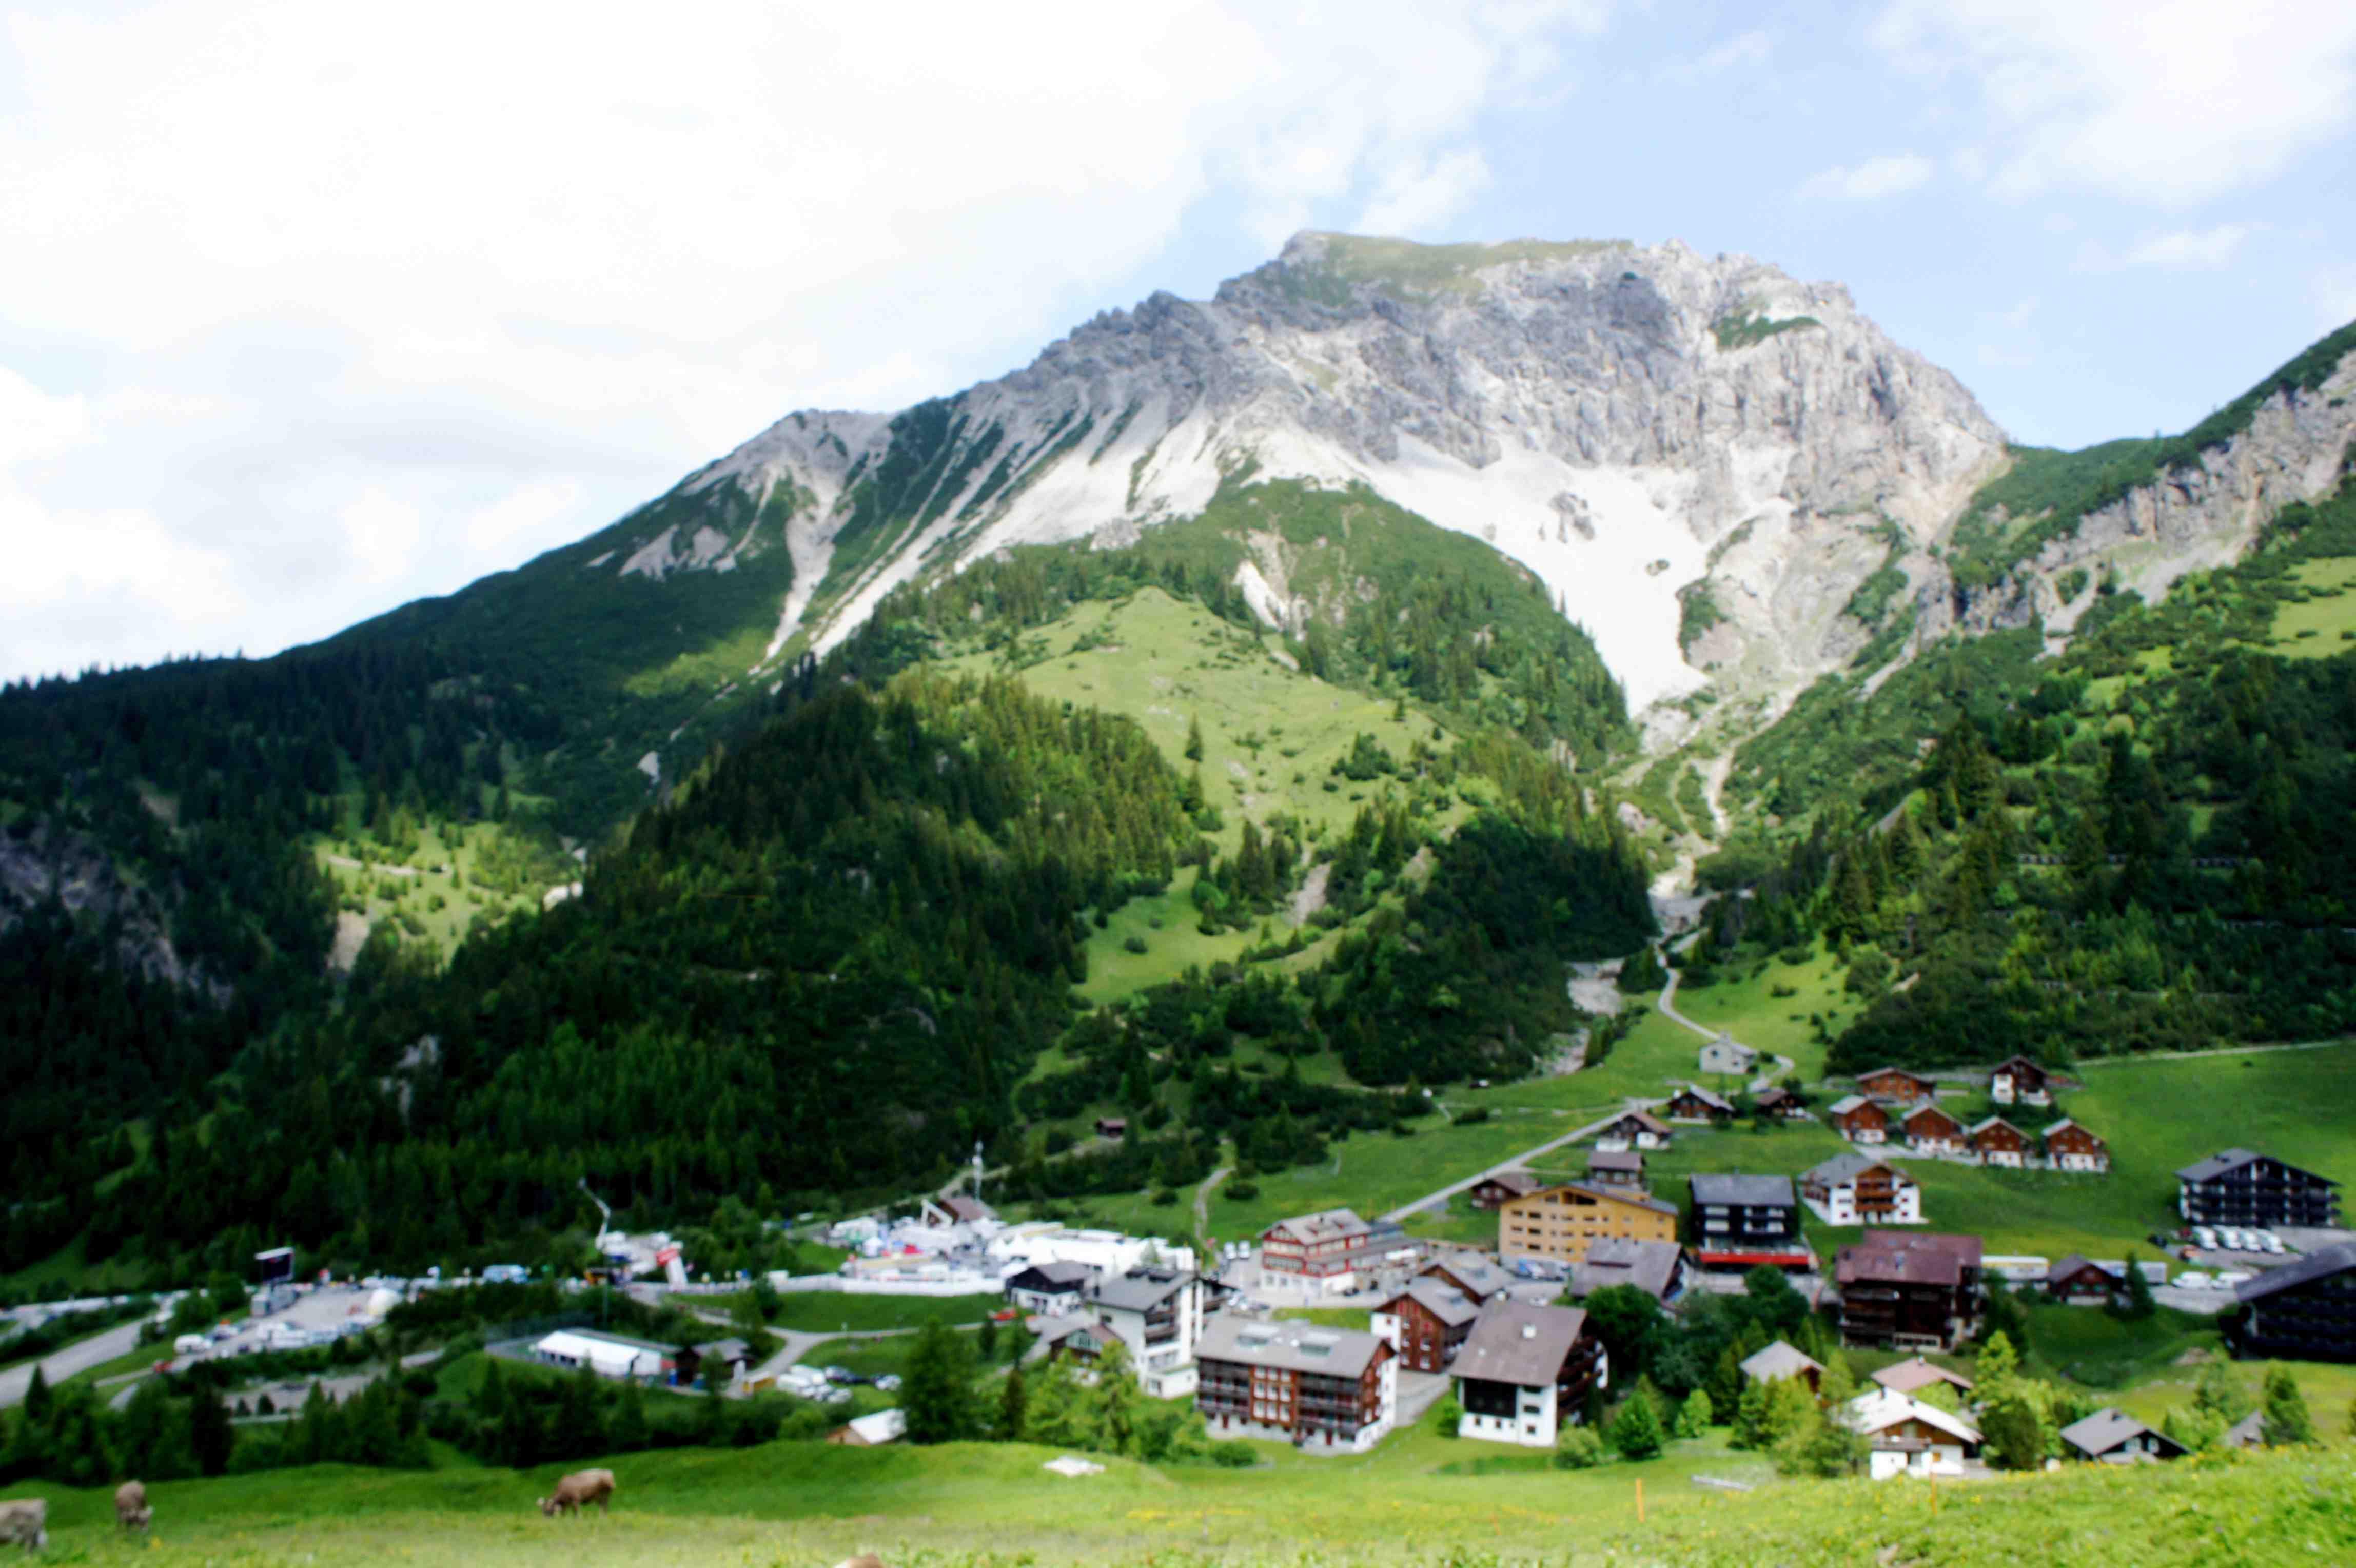 Malbun. Im Winter der Wintersportort von Liechtenstein und im Sommer ideal zum Wandern mit der Familie. Foto: (c) Kinderoutdoor.de